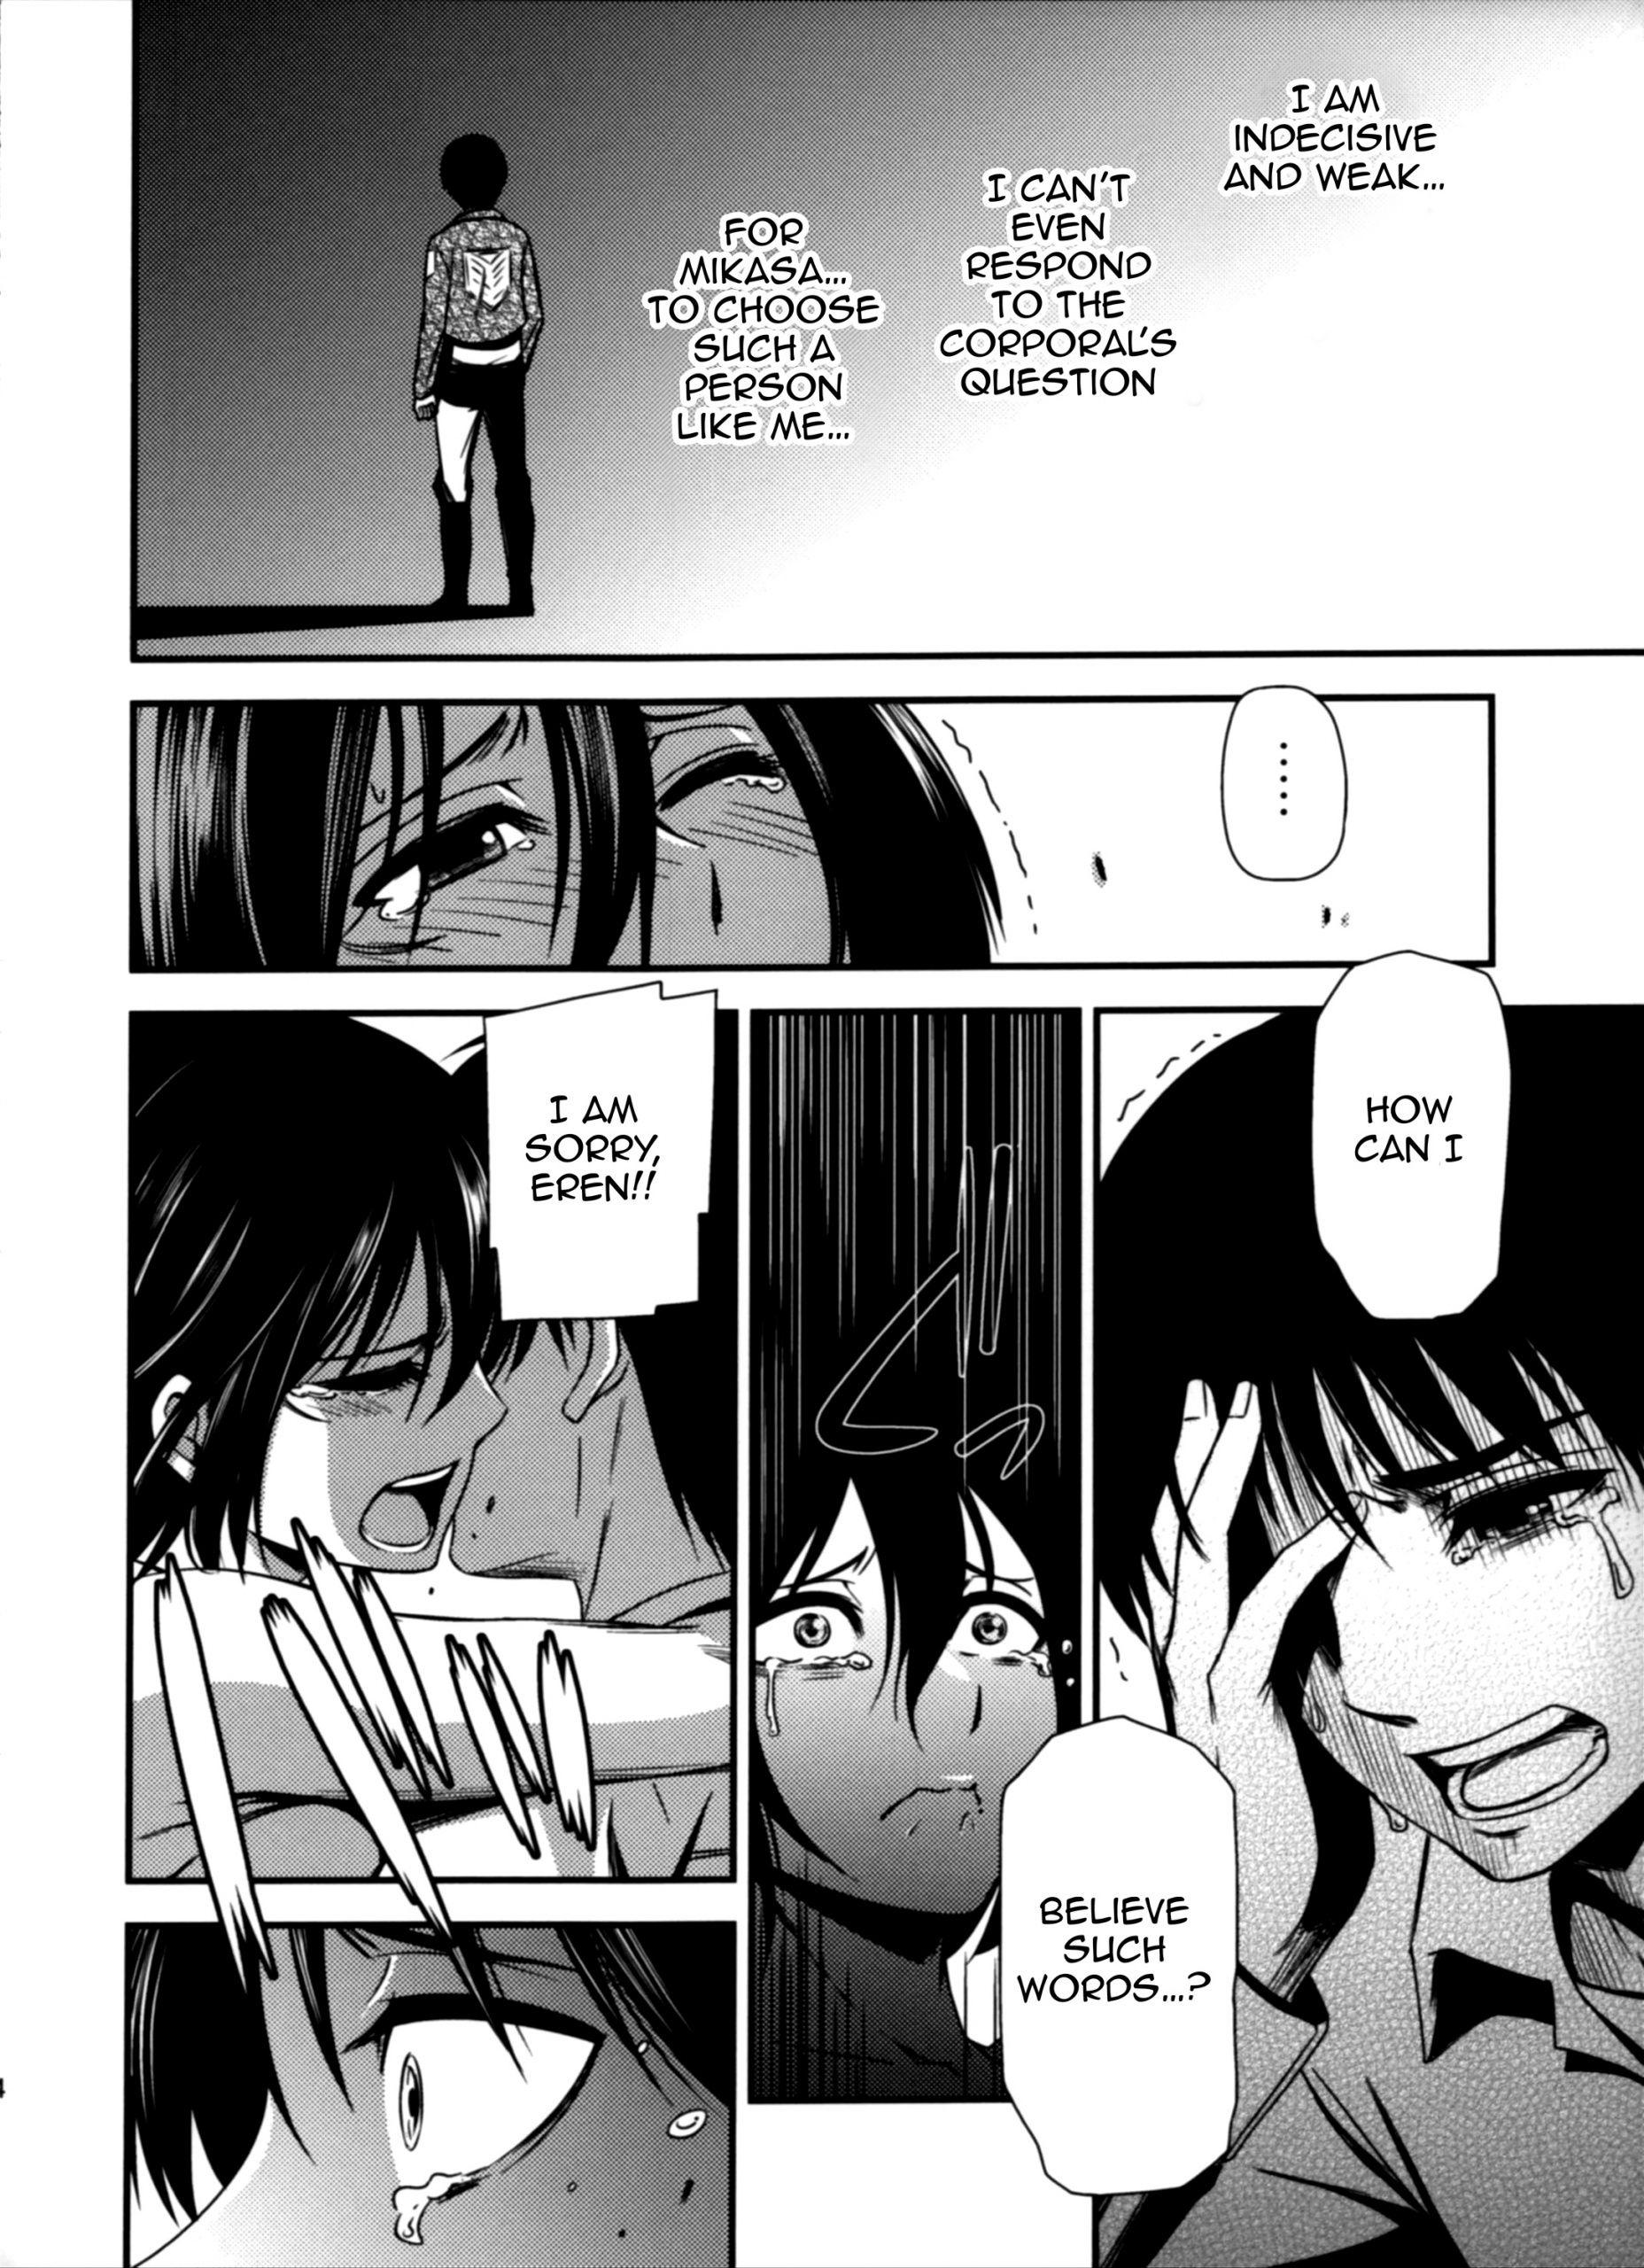 Gekishin yon hentai manga picture 35